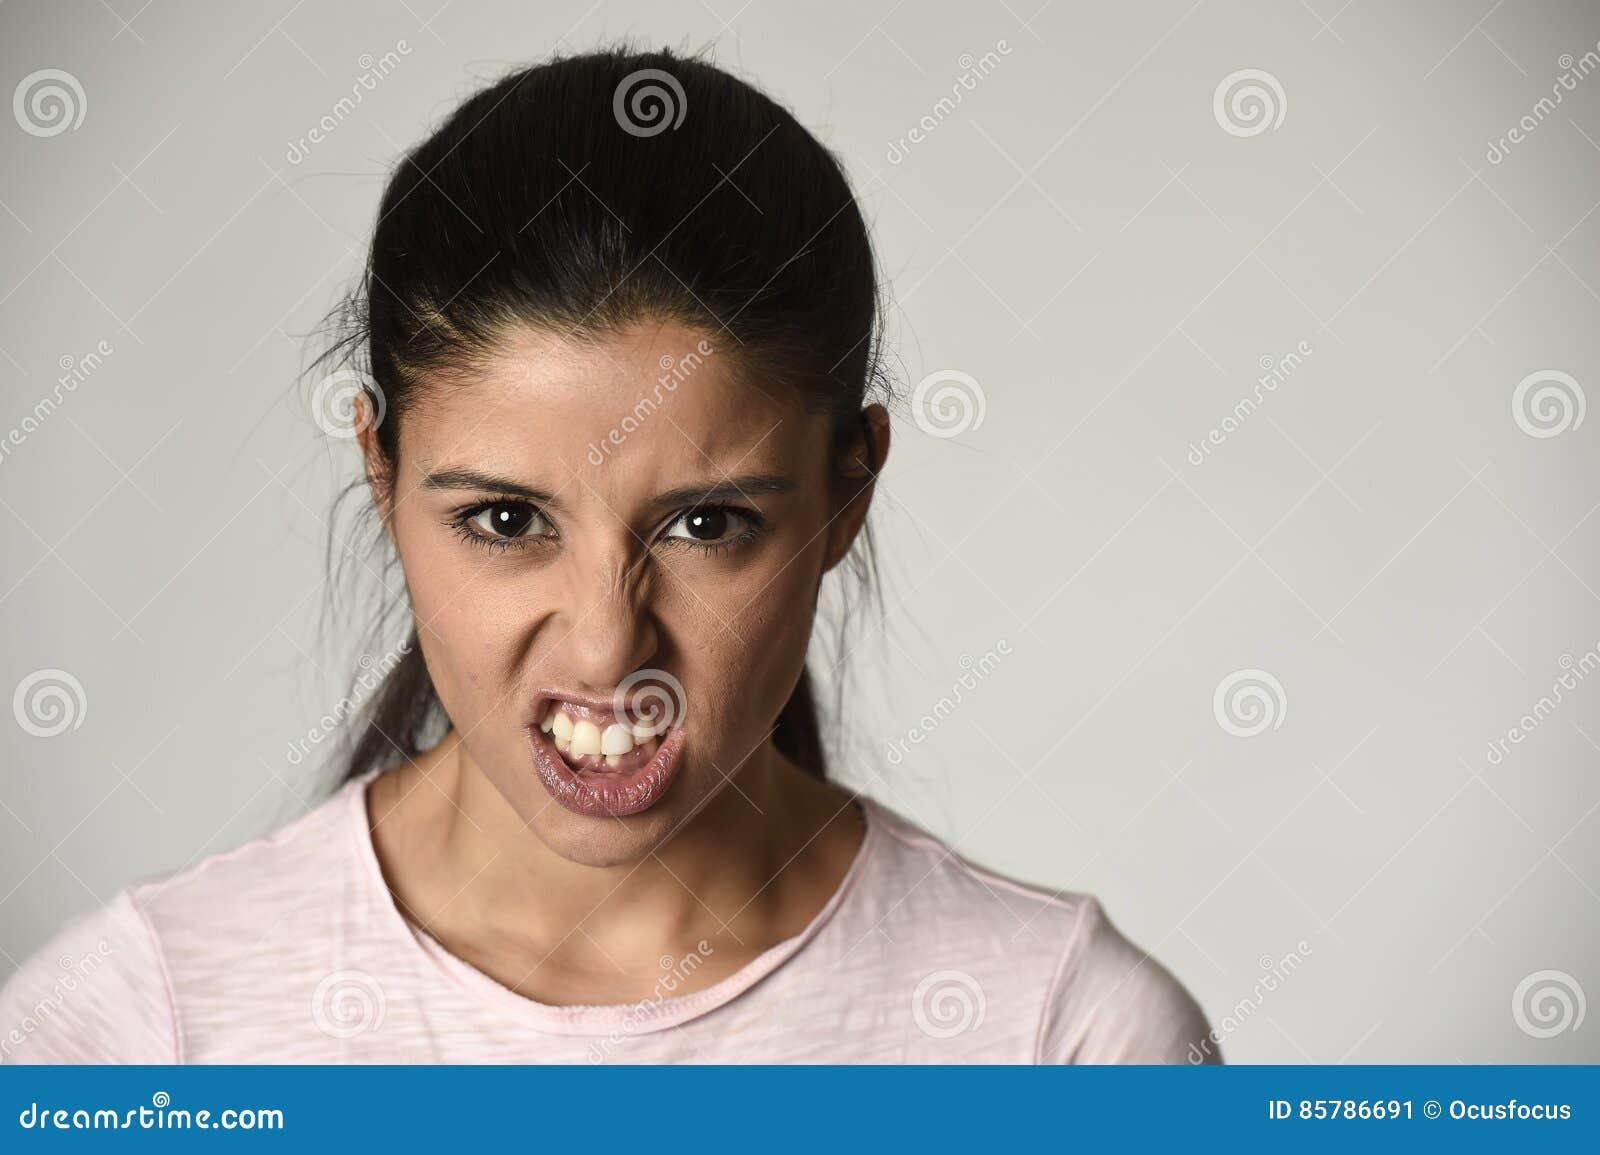 Lateinische verärgerte und umgekippte schauende Frau wütendes und verrücktes schwermütiges im intensiven Ärgergefühl